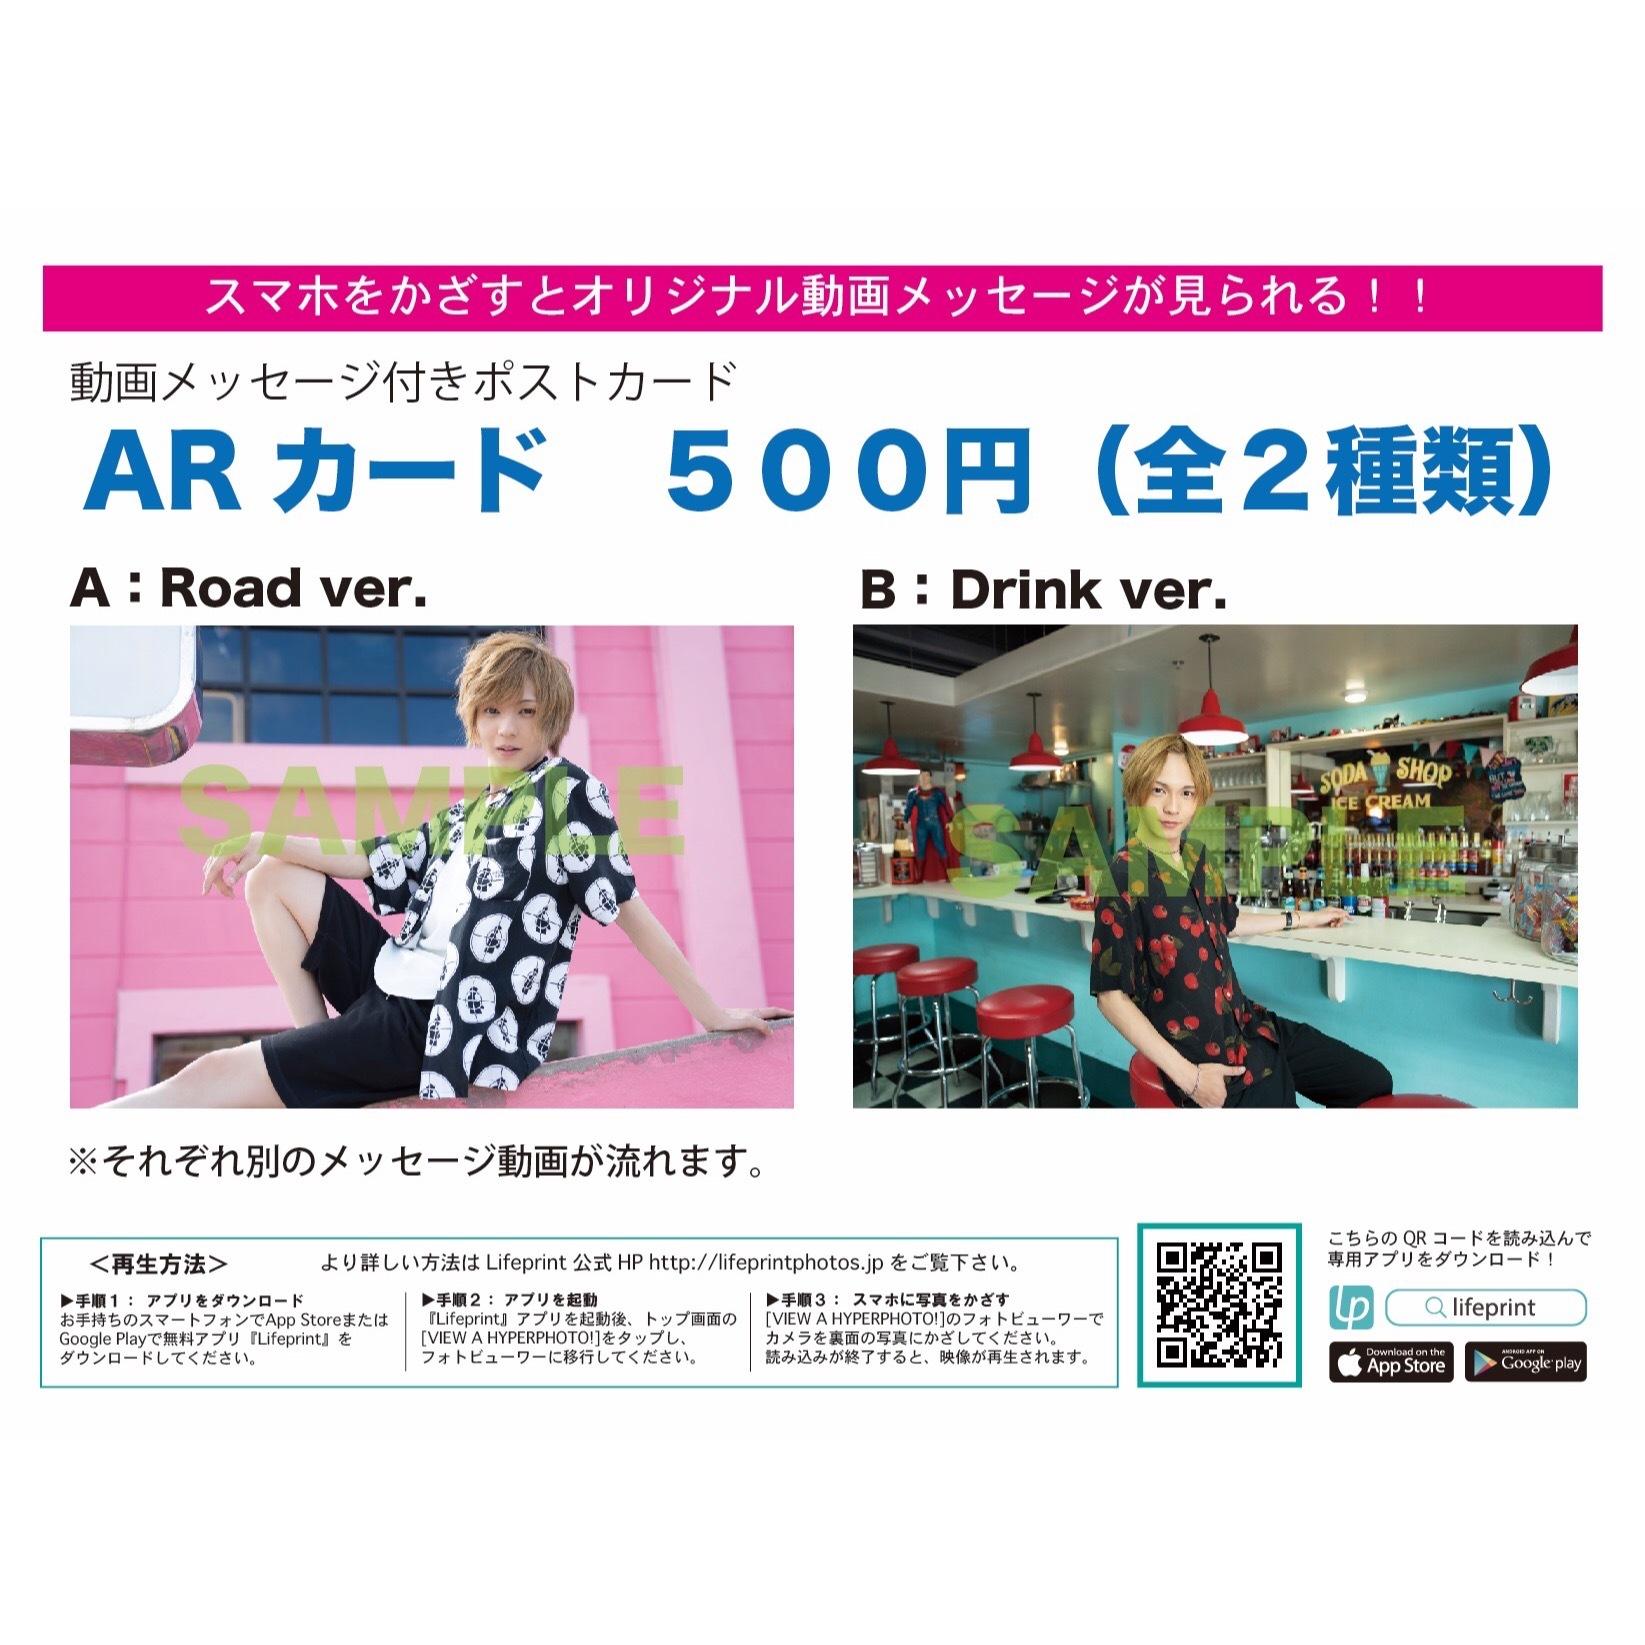 宮崎湧 動画付きポストカード(ARカード)